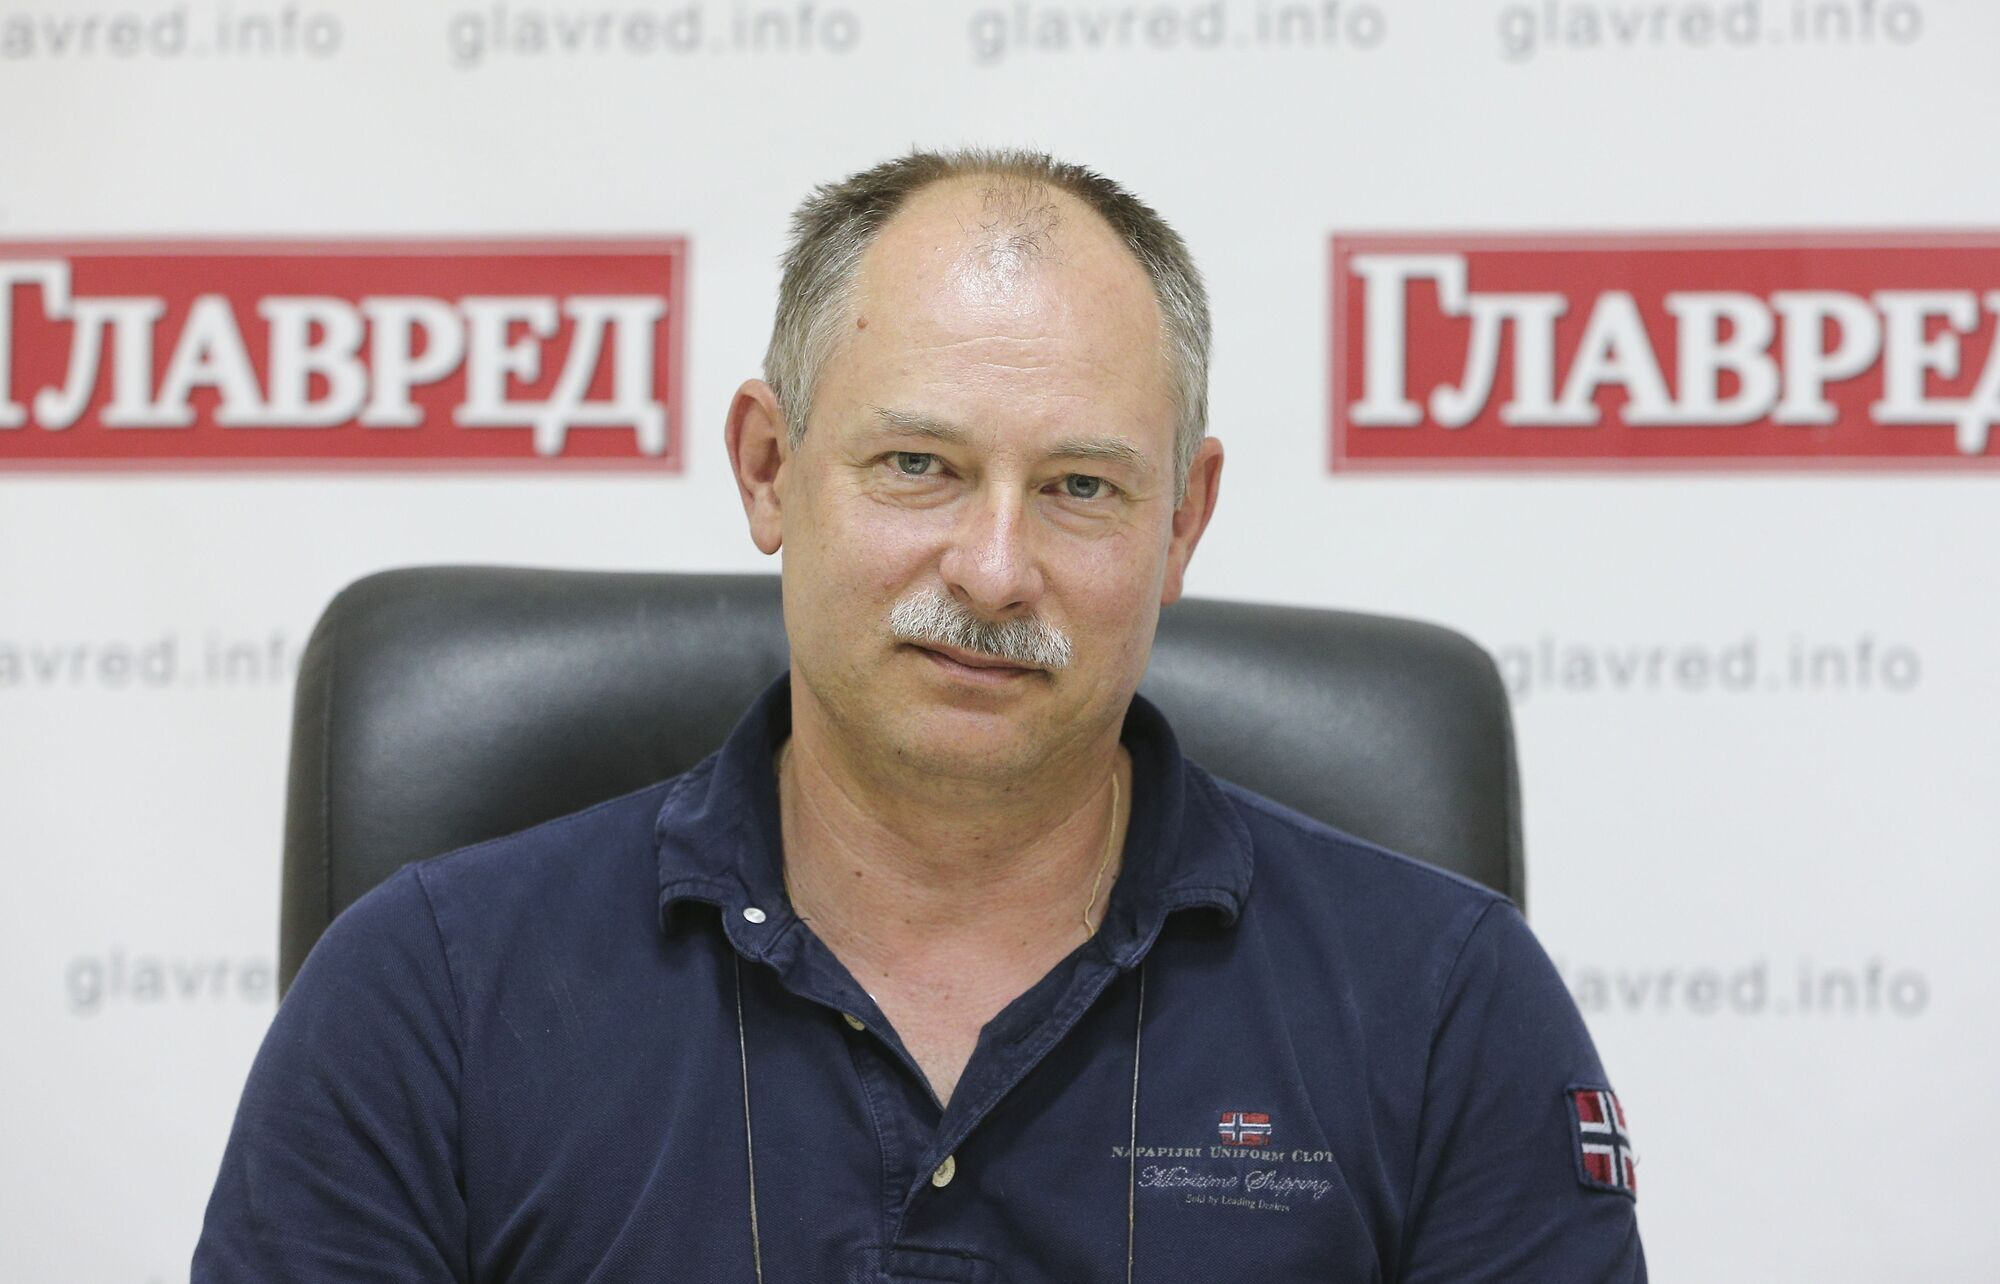 Військовий експерт Олег Жданов заявив, що Європа висловила стурбованість, що Росія хоче поглинути територію ОРДЛО